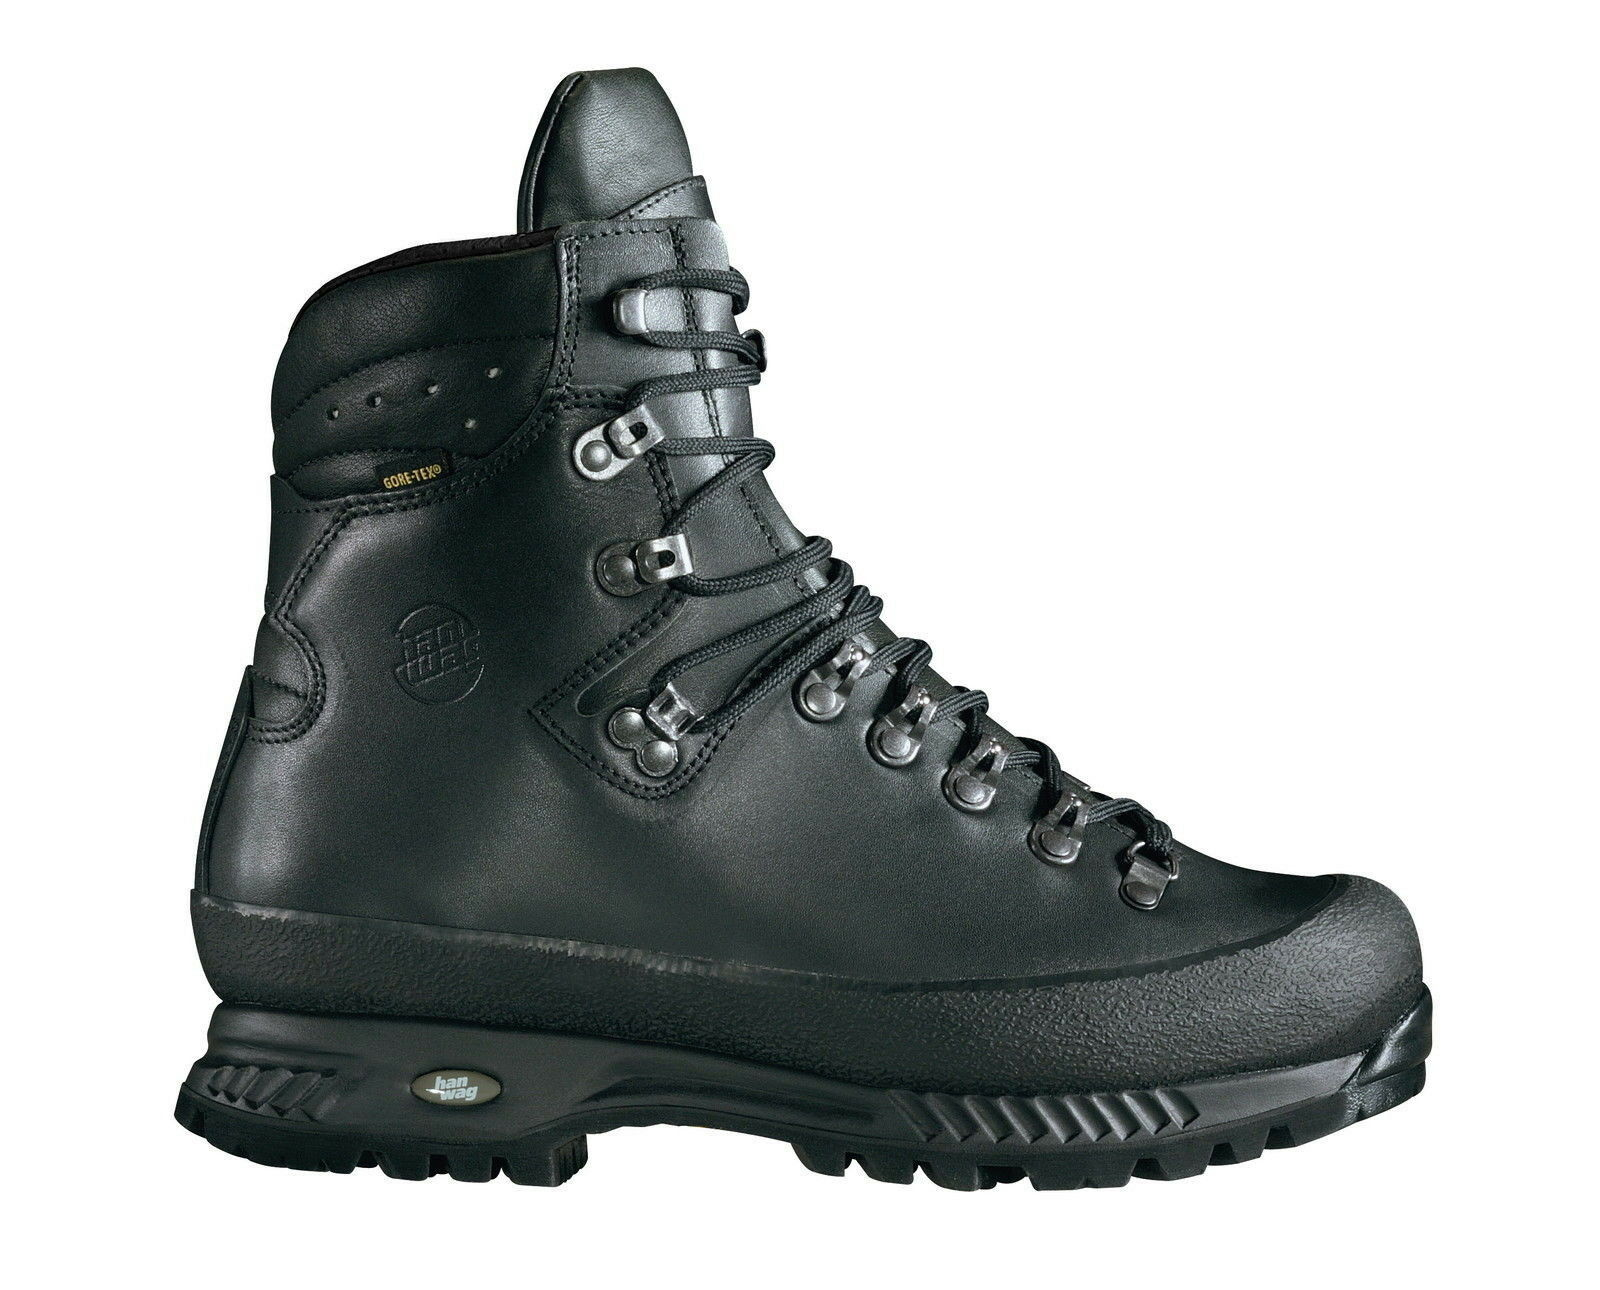 Hanwag zapatos de montaña  alaska GTX Men tamaño 13 - 48,5 negro